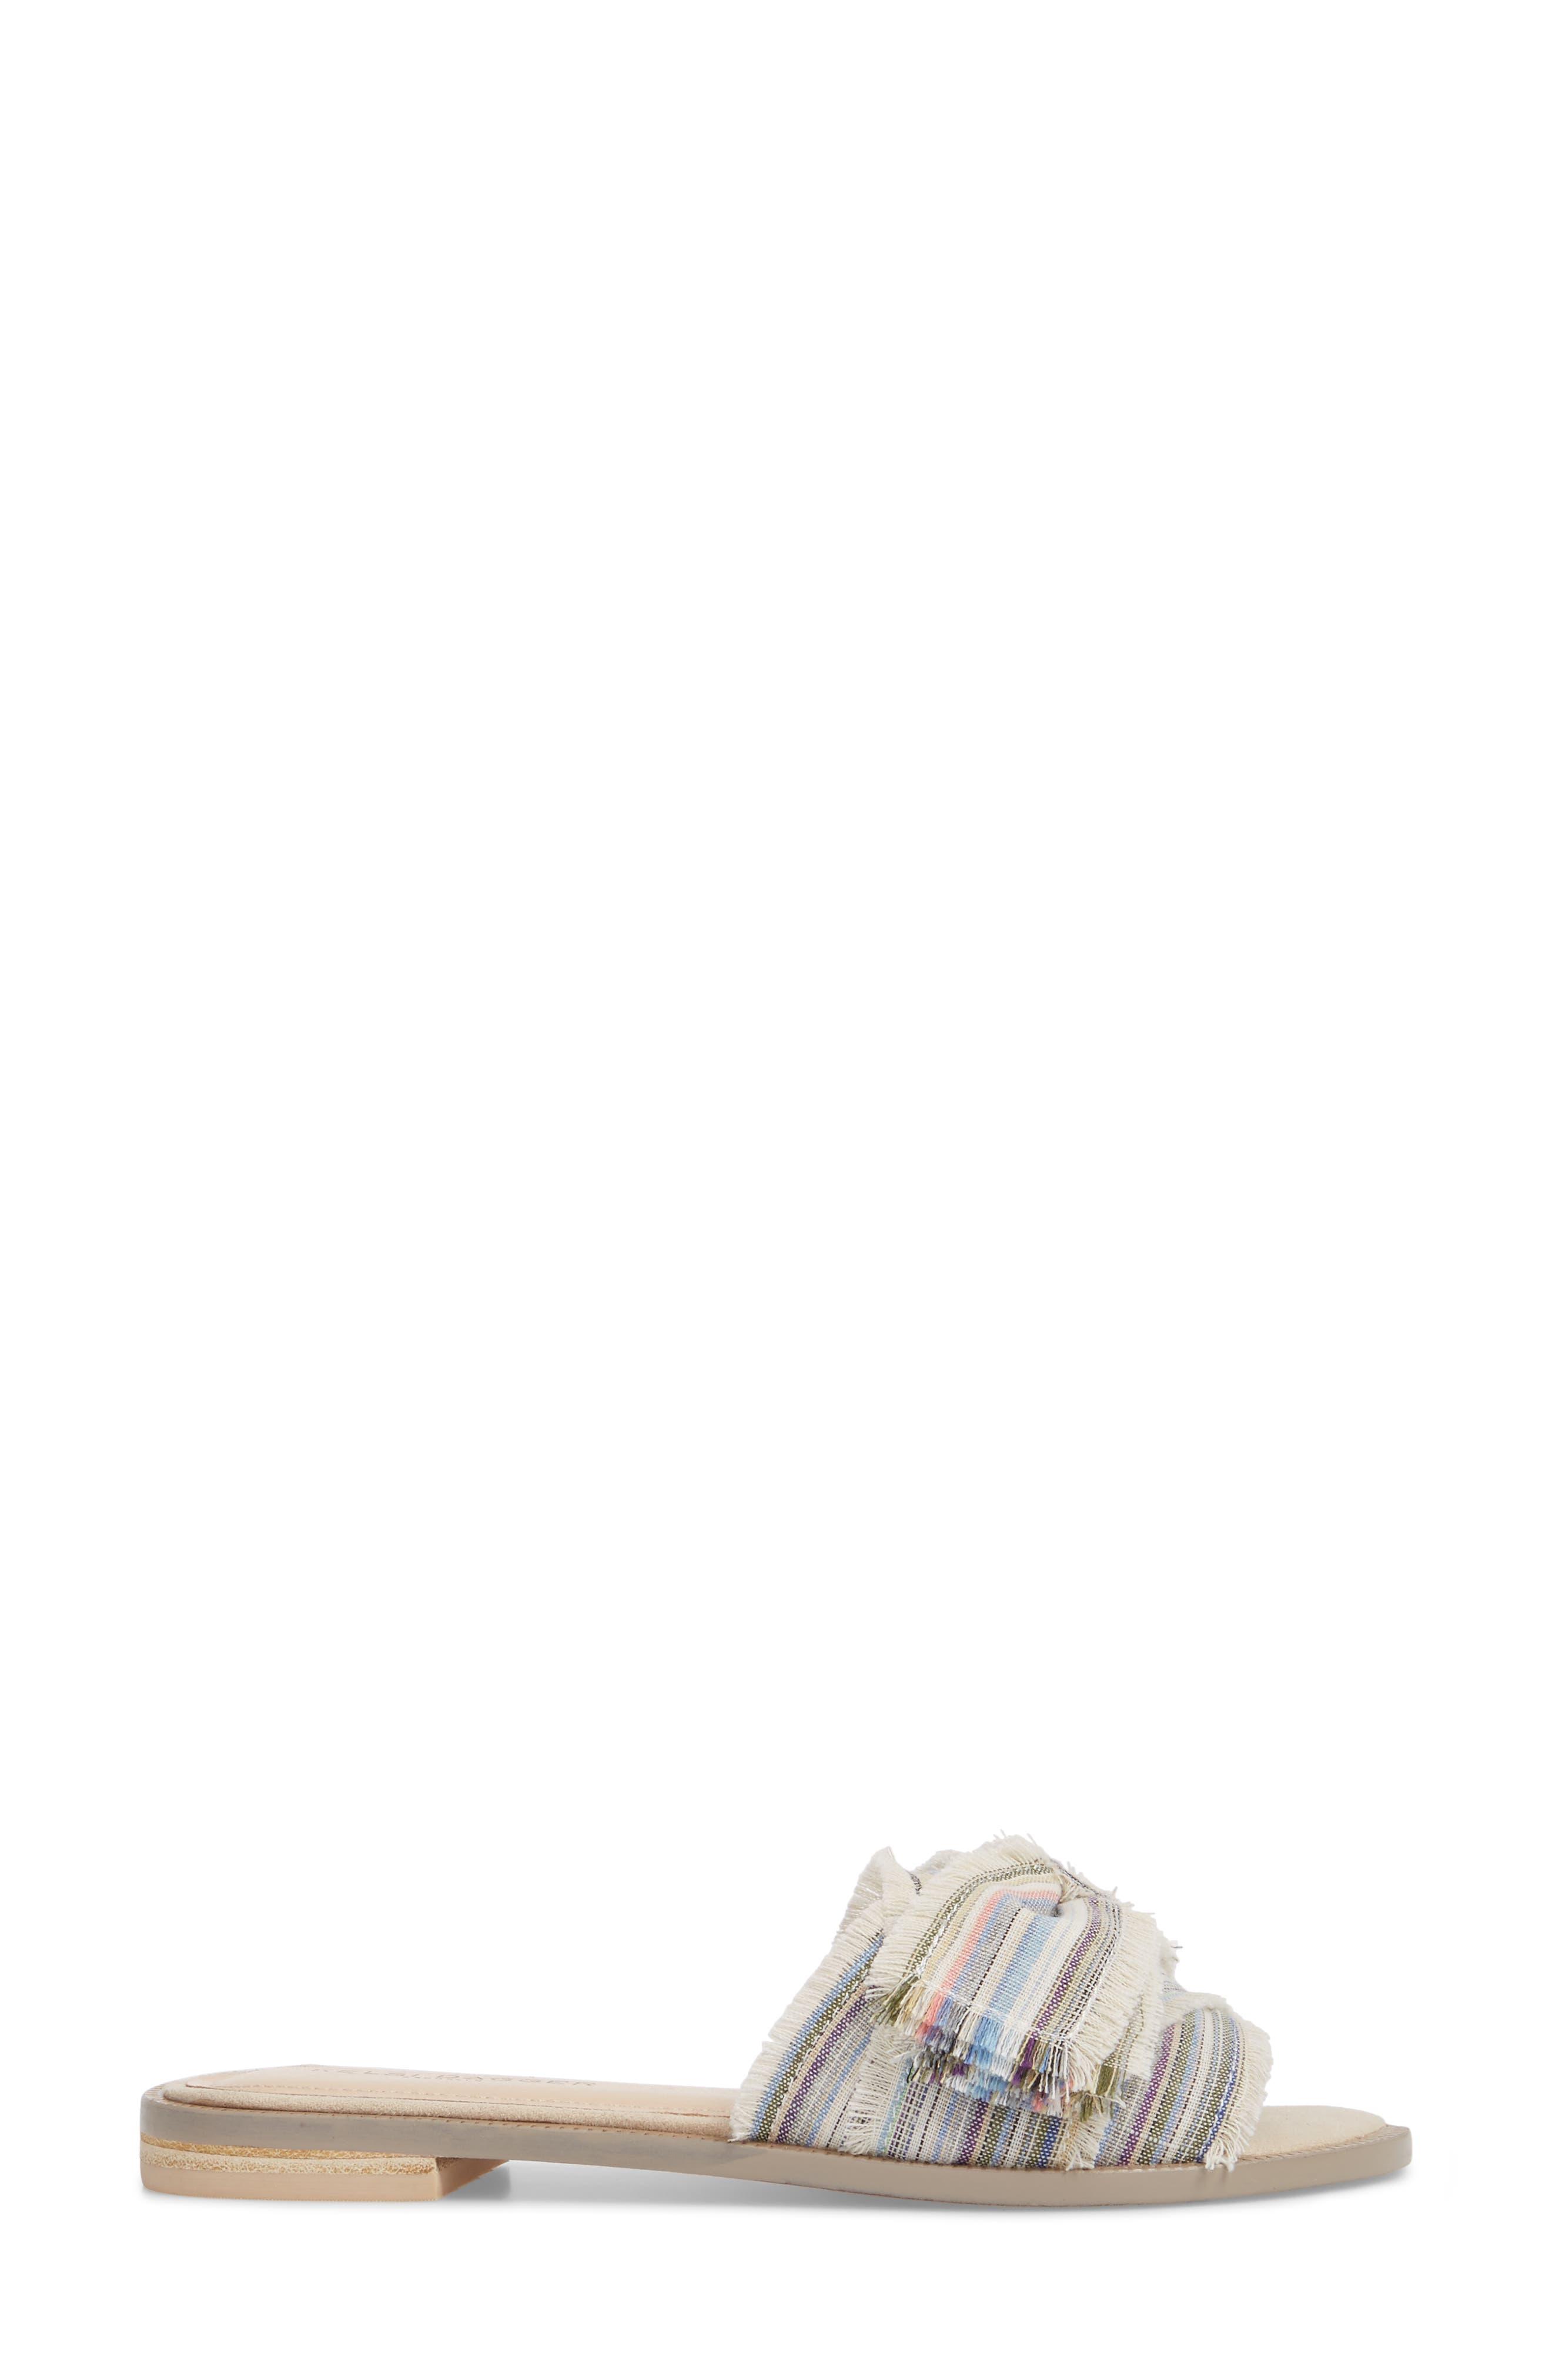 Revere Bow Slide Sandal,                             Alternate thumbnail 3, color,                             Bone/ Multi